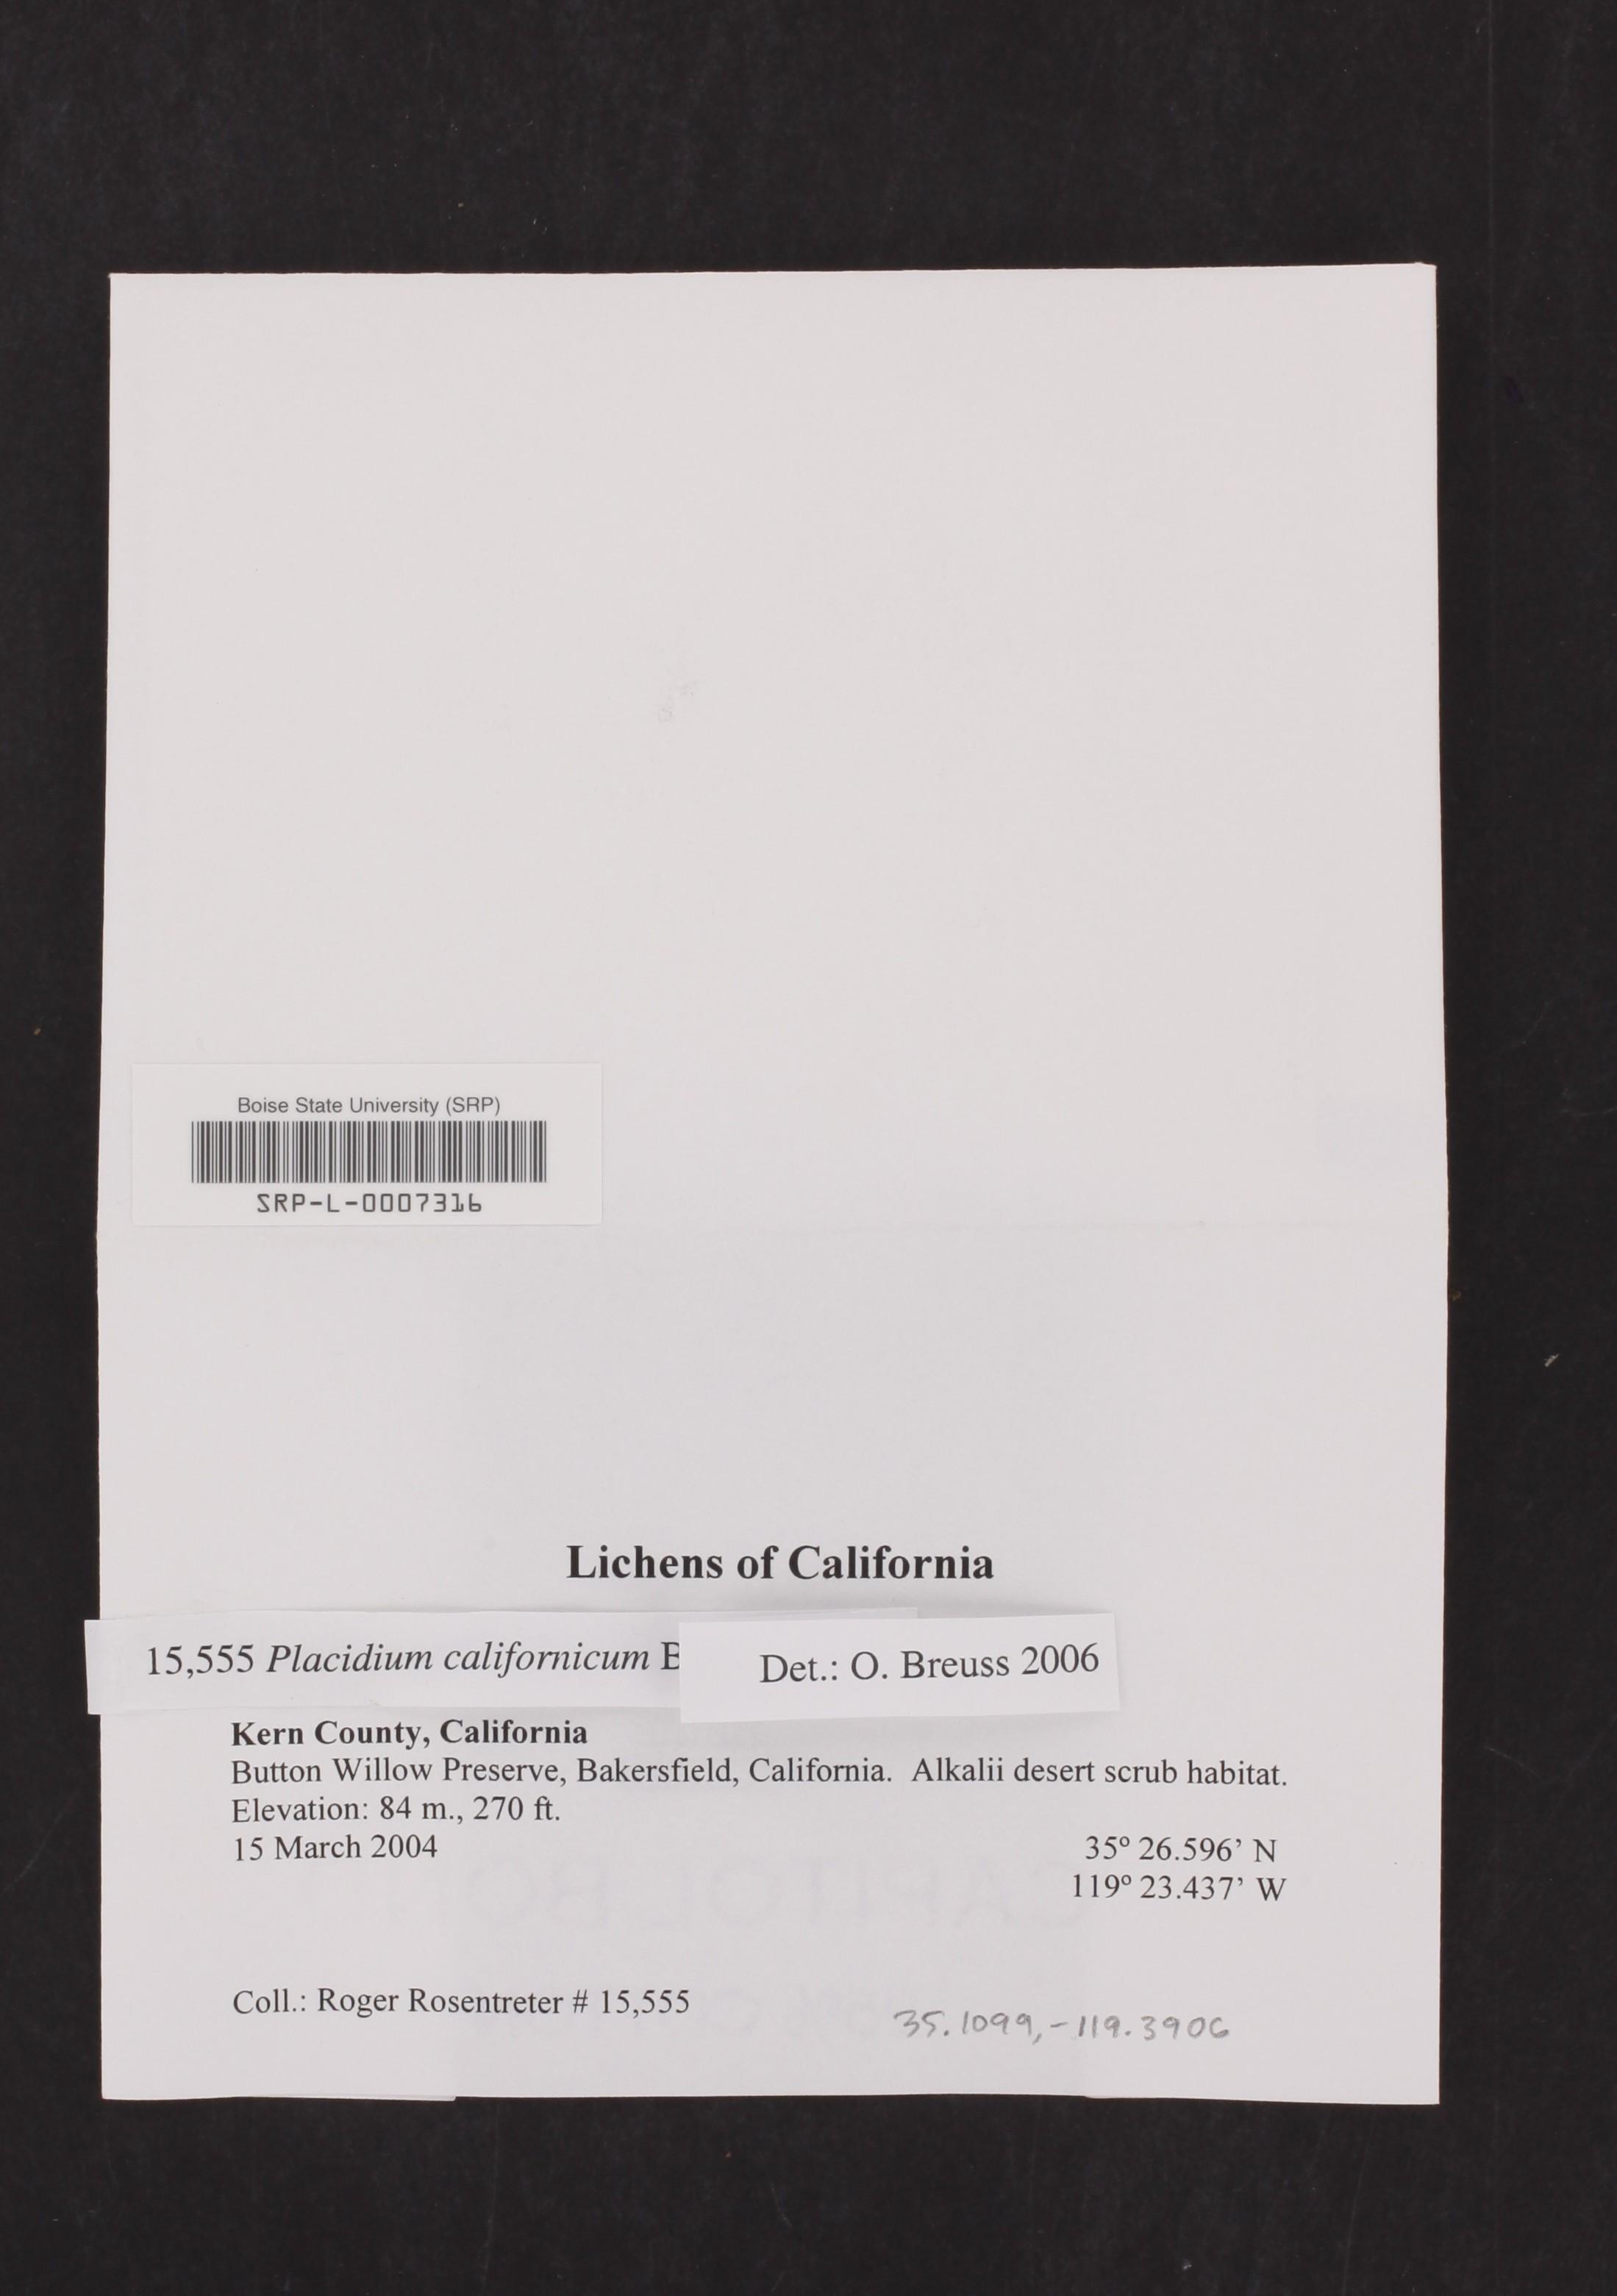 Placidium californicum image